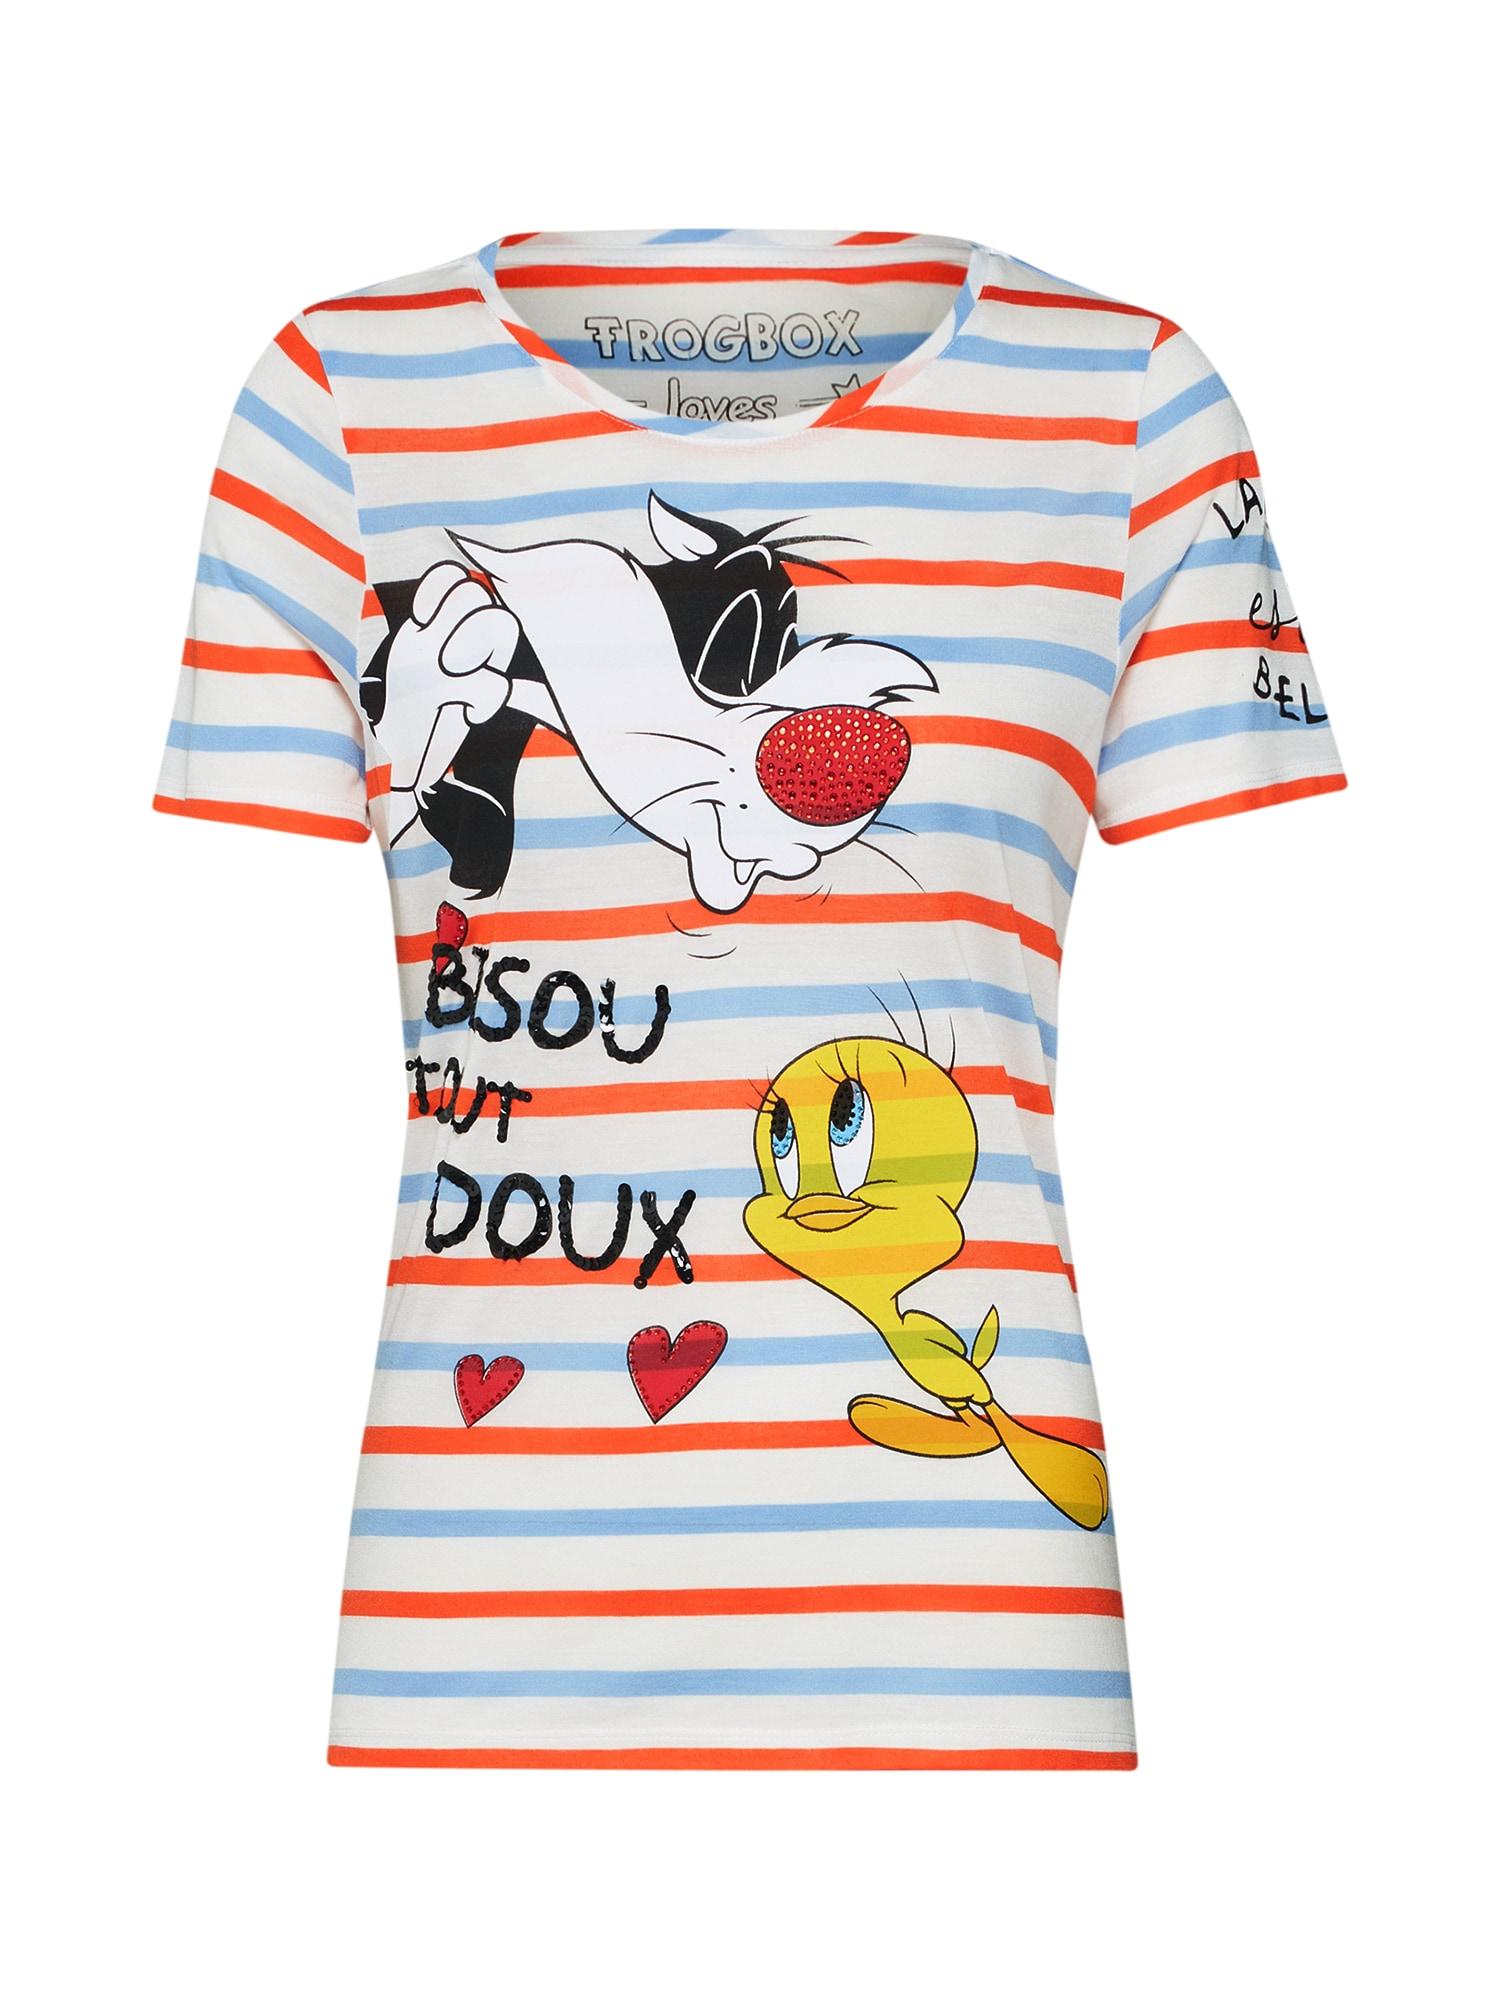 Tričko Shirt Tweety and Sylvester béžová královská modrá červená bílá Frogbox